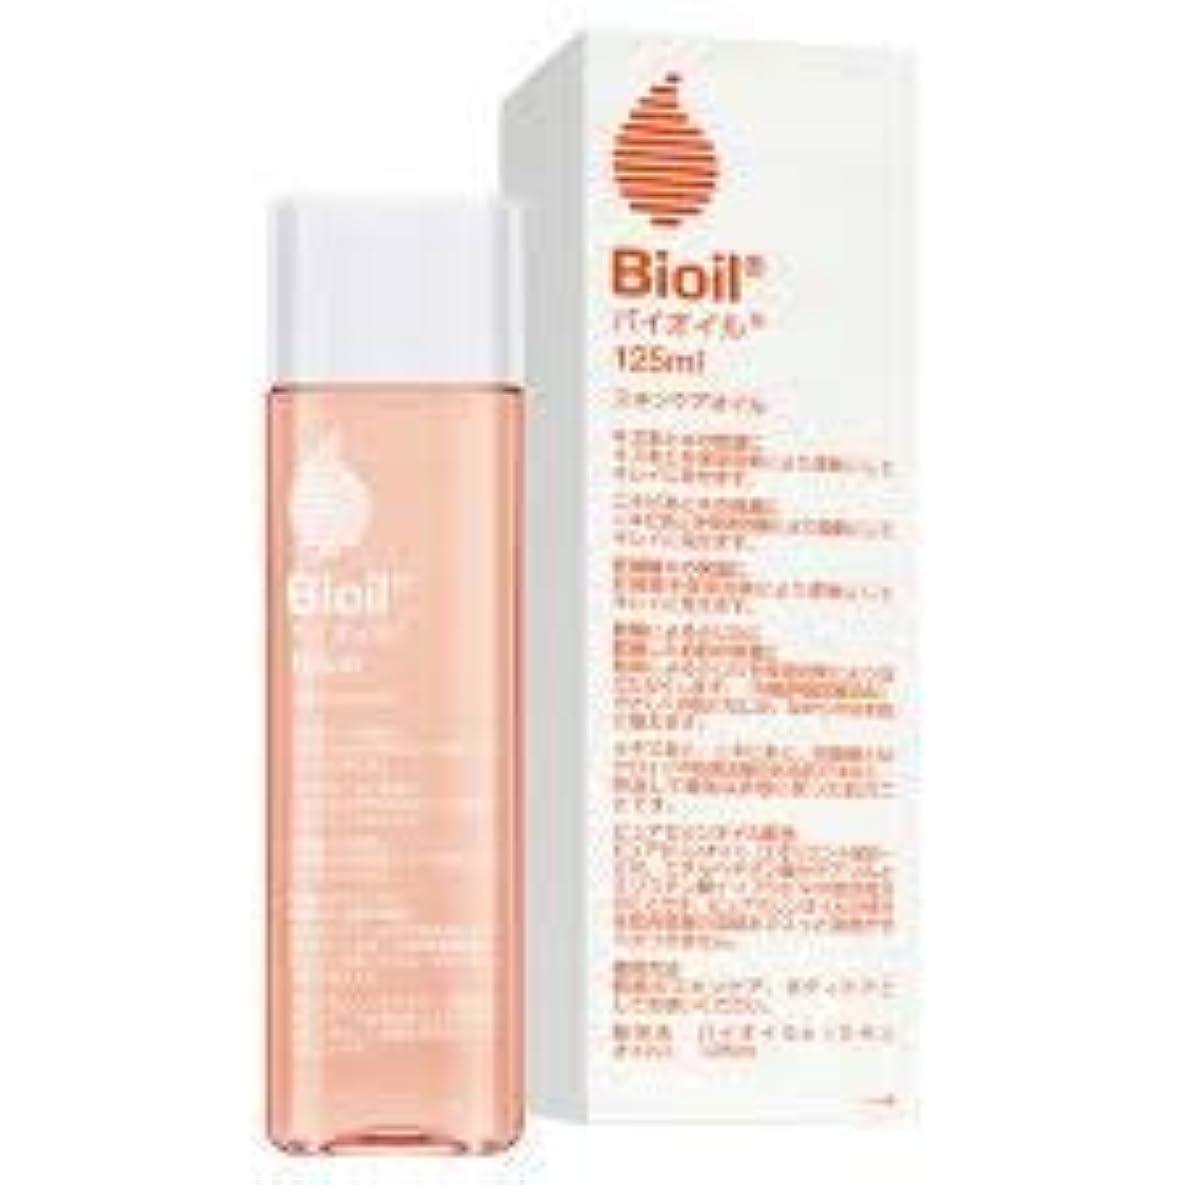 苦難代わりにを立てるお手伝いさんバイオイル Bioil 125ml (小林製薬)